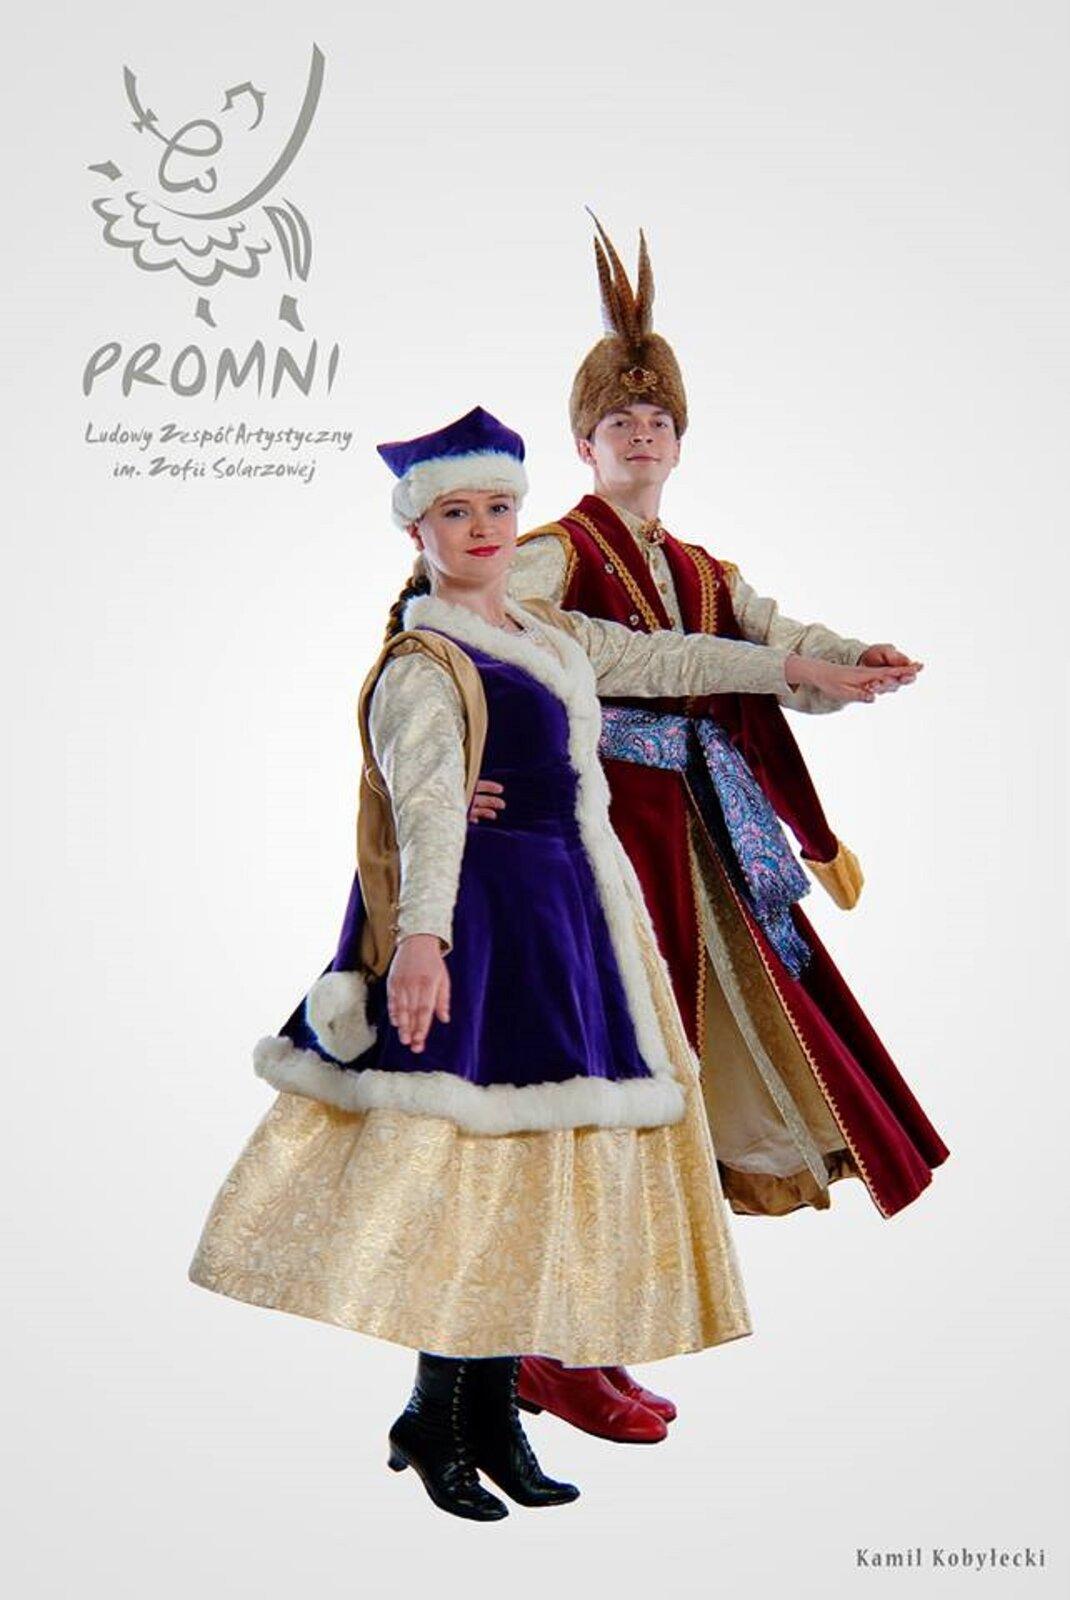 Na zdjęciu para ubrana wstrój kontuszowy, wktórym zazwyczaj tańczy się mazura. Kobieta ma suknie do łydki, płaszczyk obszyty futerkiem iczapeczkę, również obszytą futerkiem. Mężczyzna ubrany jest wkontusz, zozdobnym szerokim pasem, na głowie nosi futrzaną czapkę ozdobioną piórami.